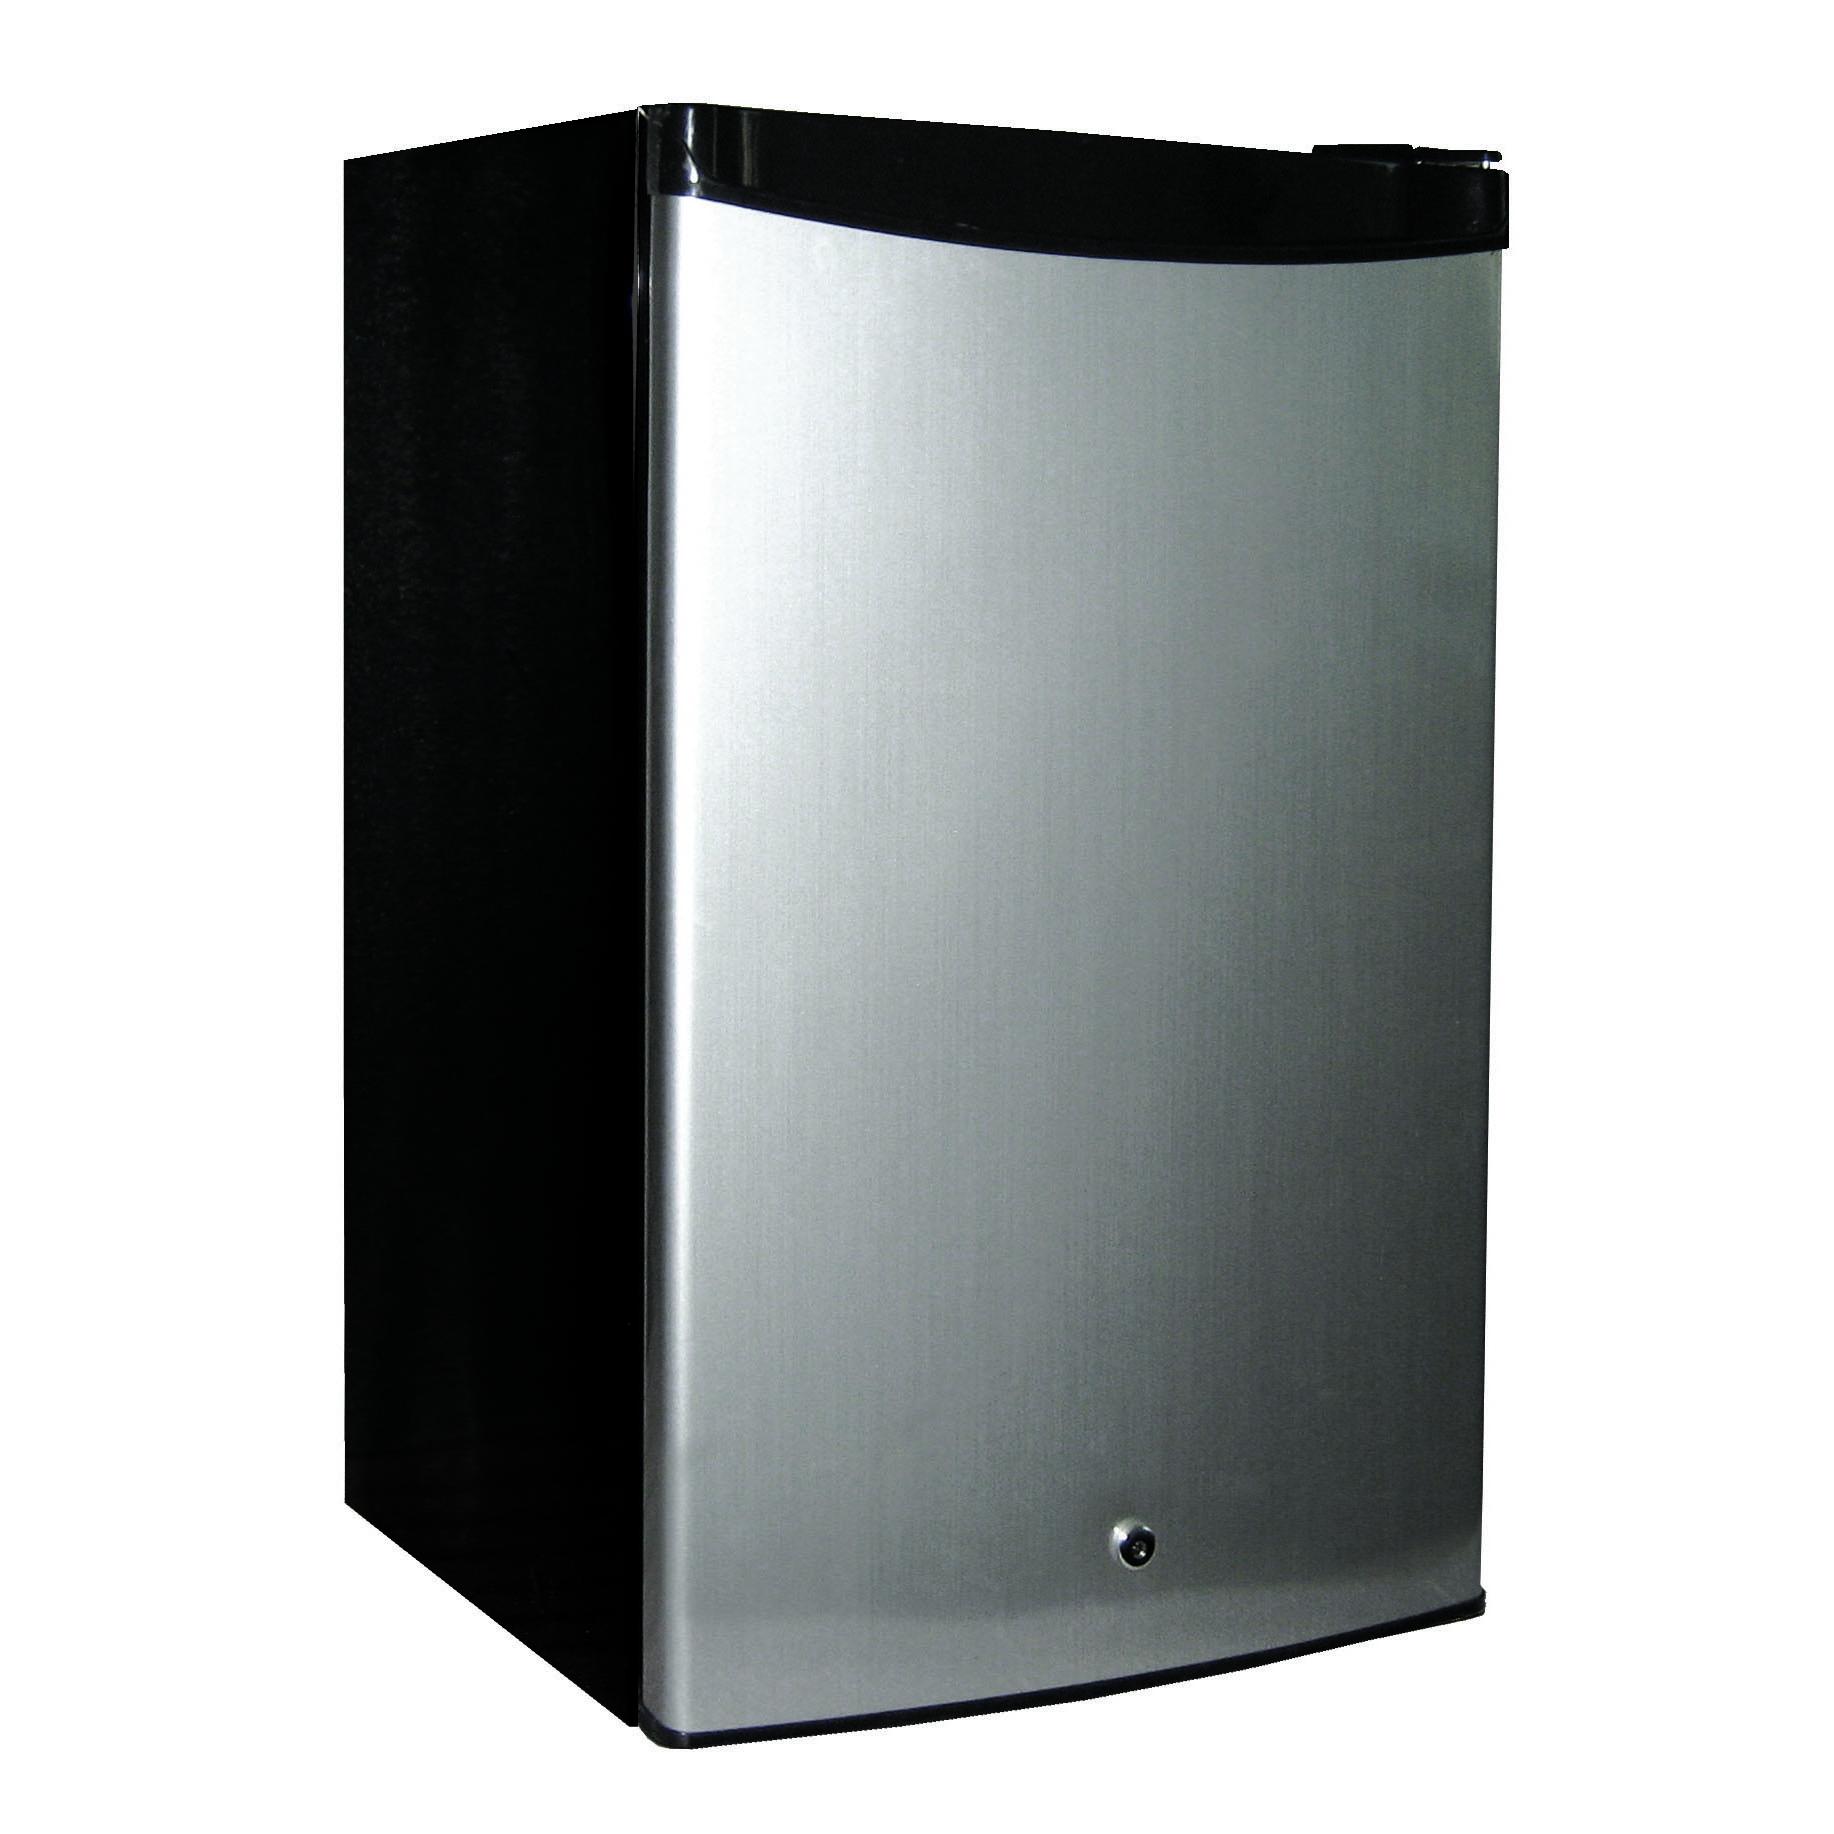 beefeater-fridge-ssrfr-1.jpg